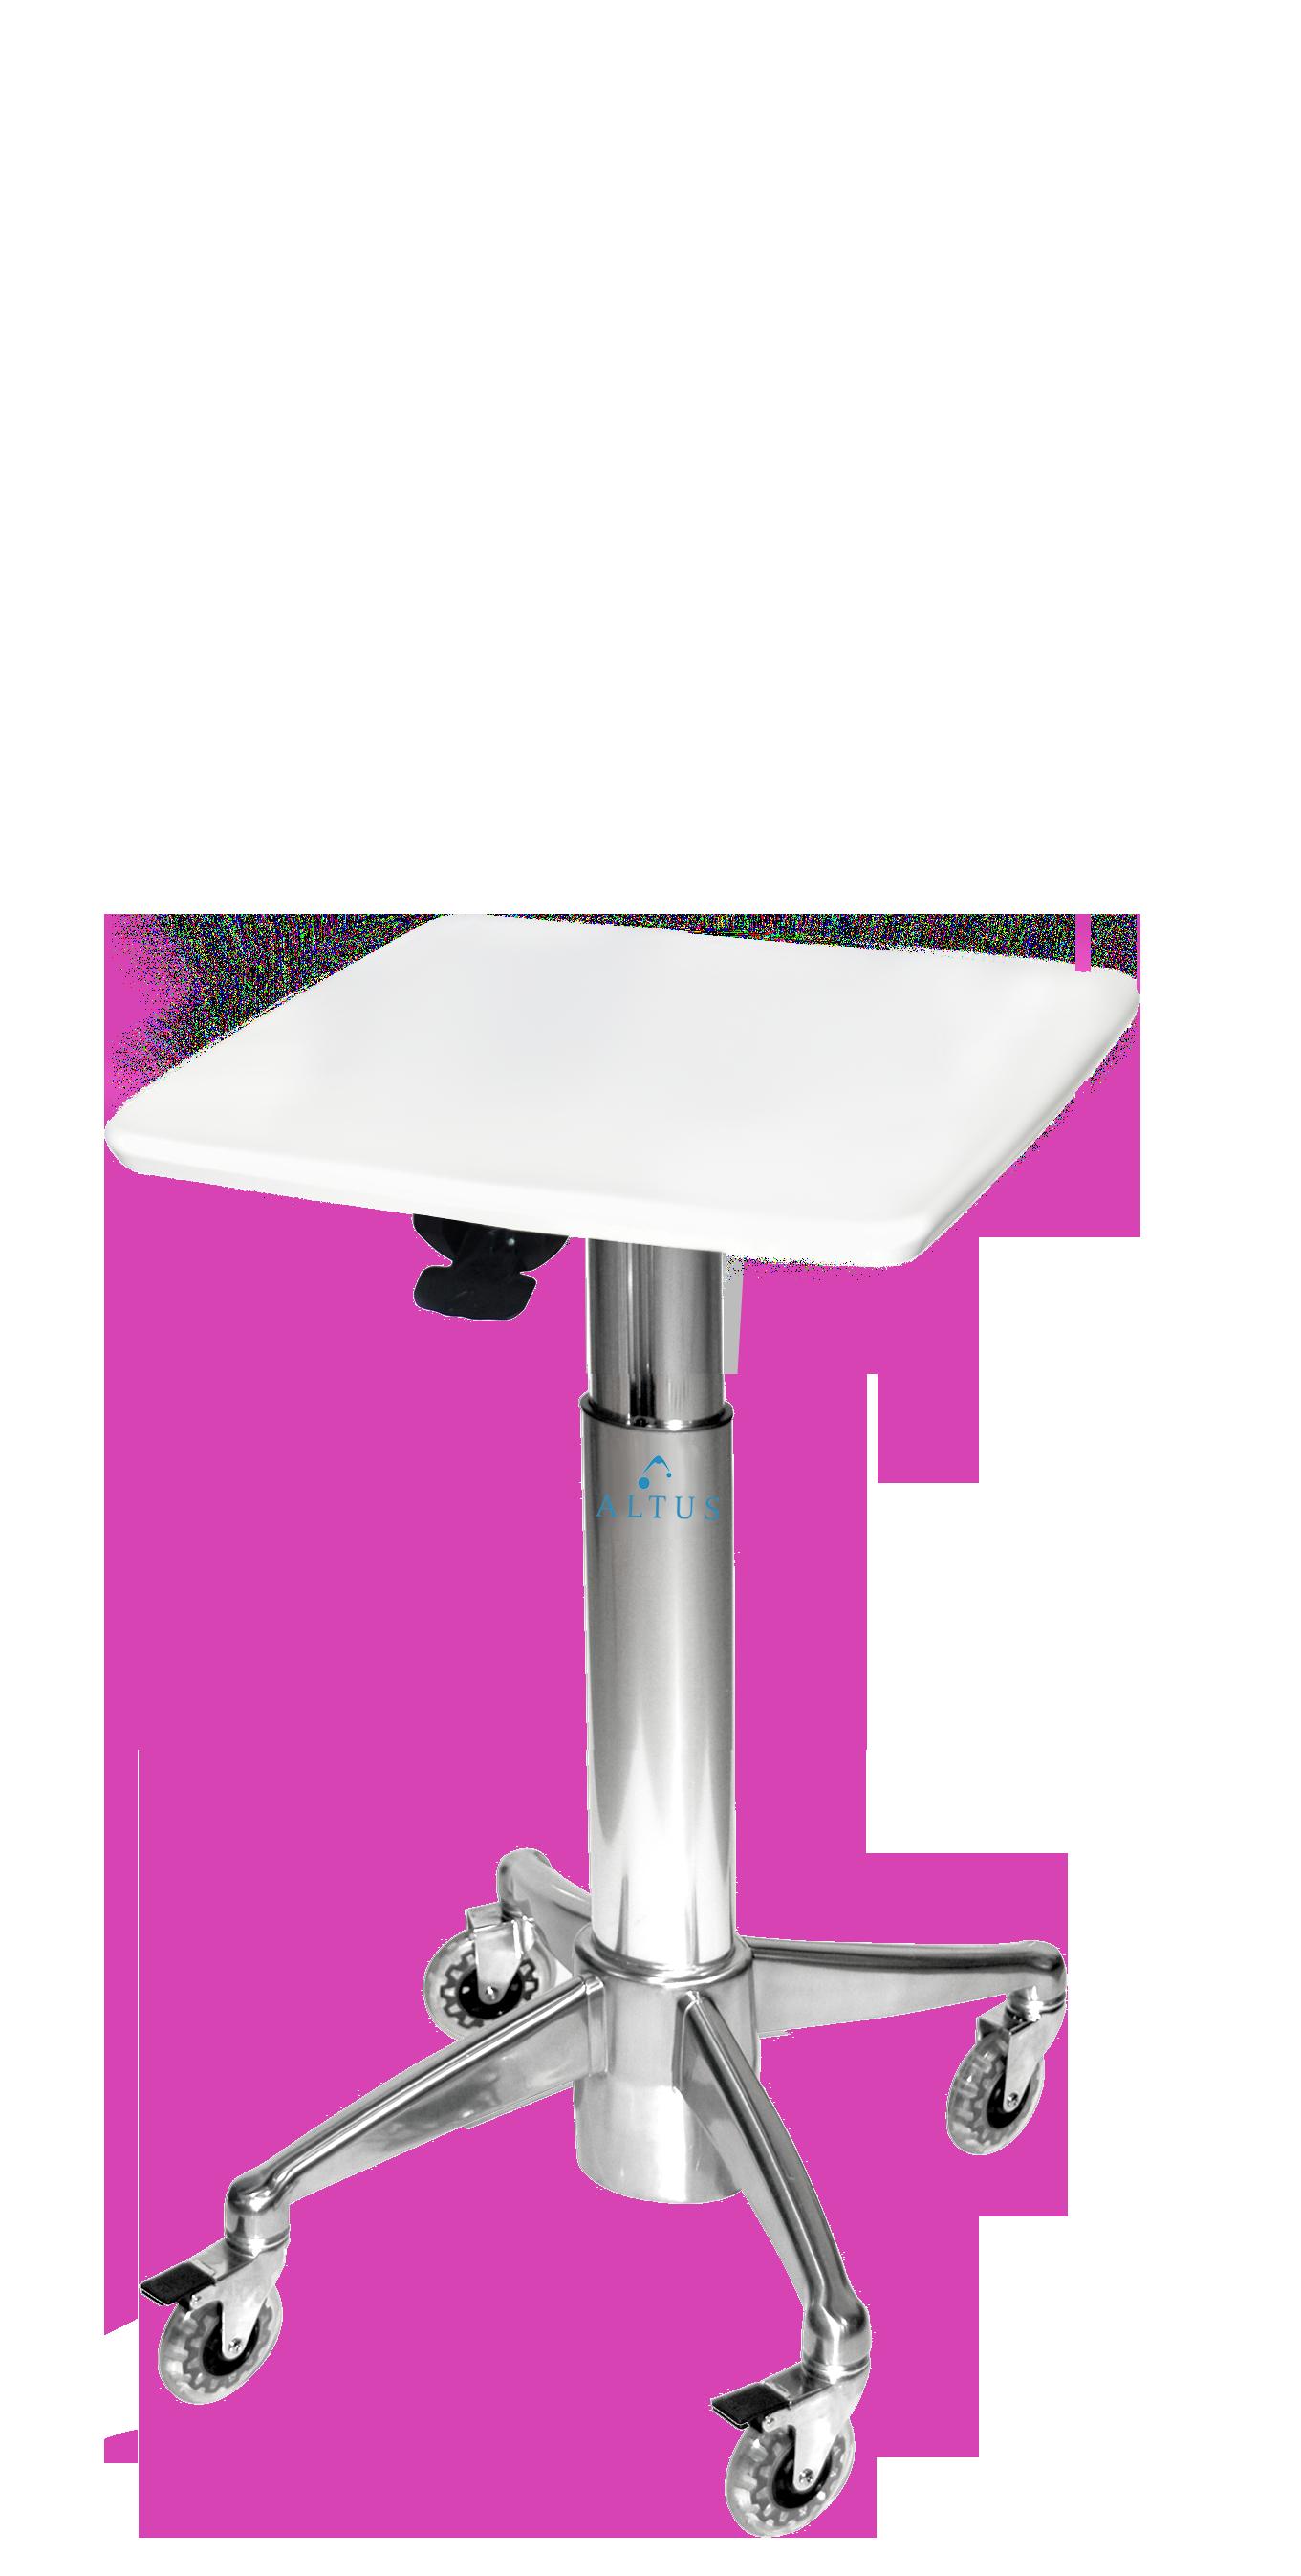 VNT-1: Ventilator Cart